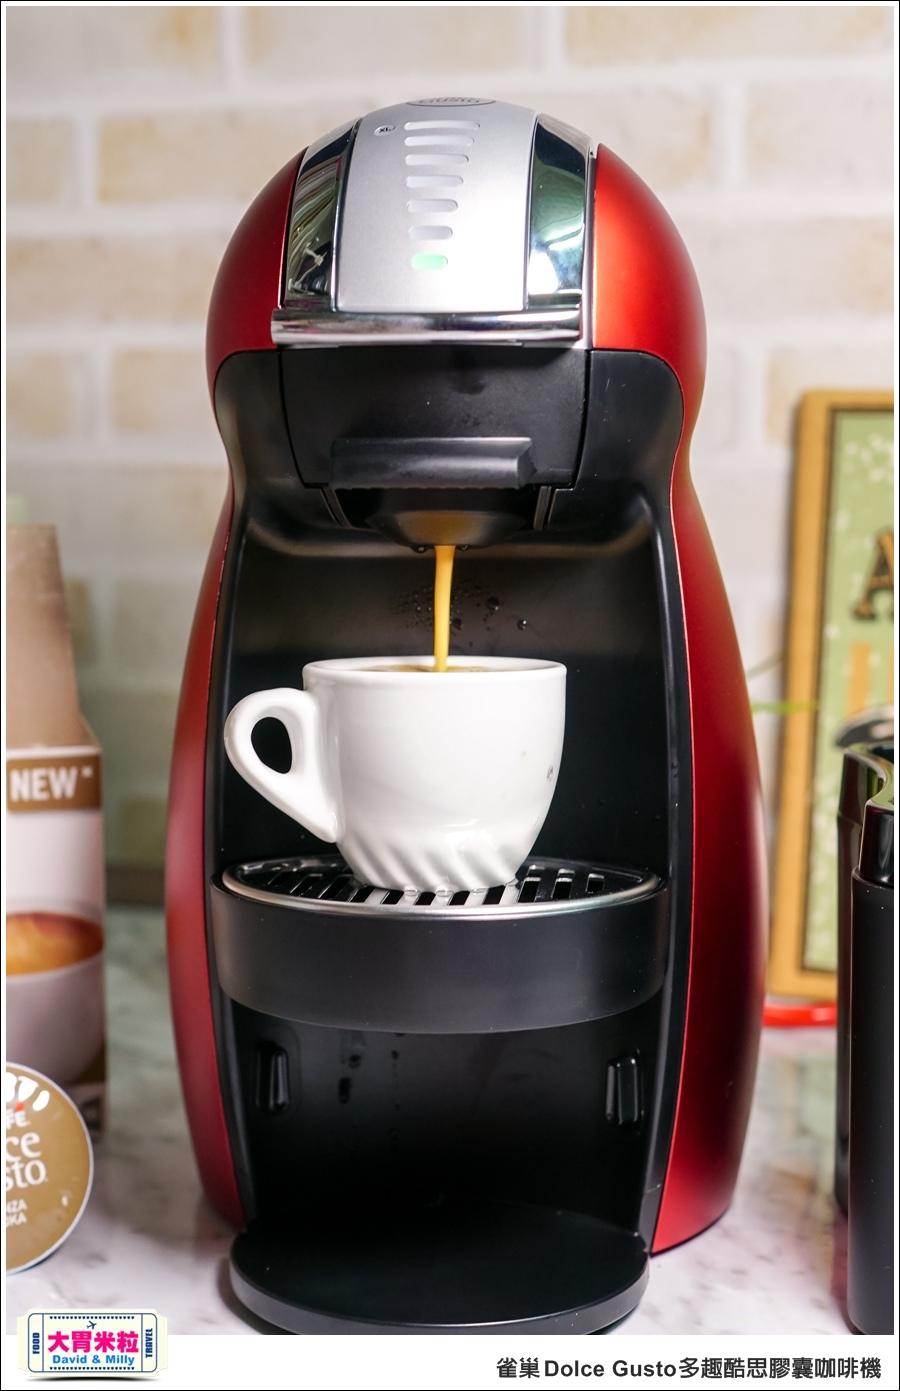 咖啡機推薦@雀巢 Dolce Gusto 多趣酷思膠囊咖啡機 @大胃米粒 0036.jpg